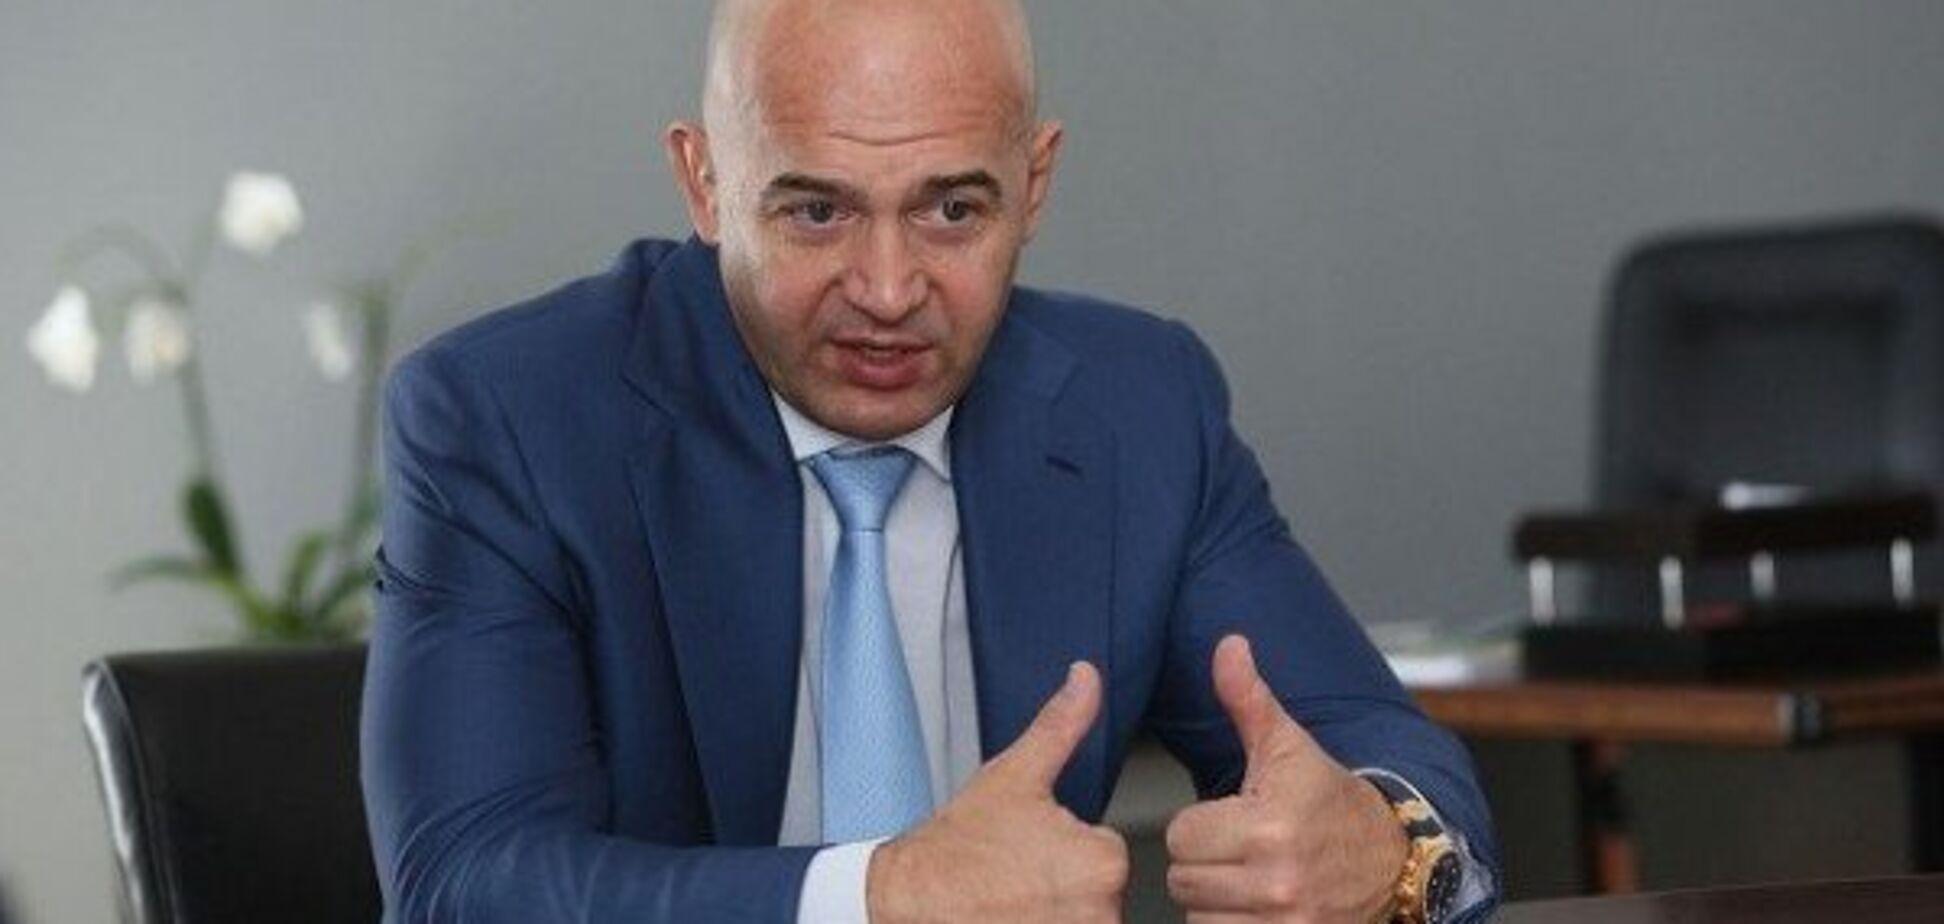 Кононенко: БПП и 'Народный фронт' уже начали согласовывать кандидатов на мажоритарные округа